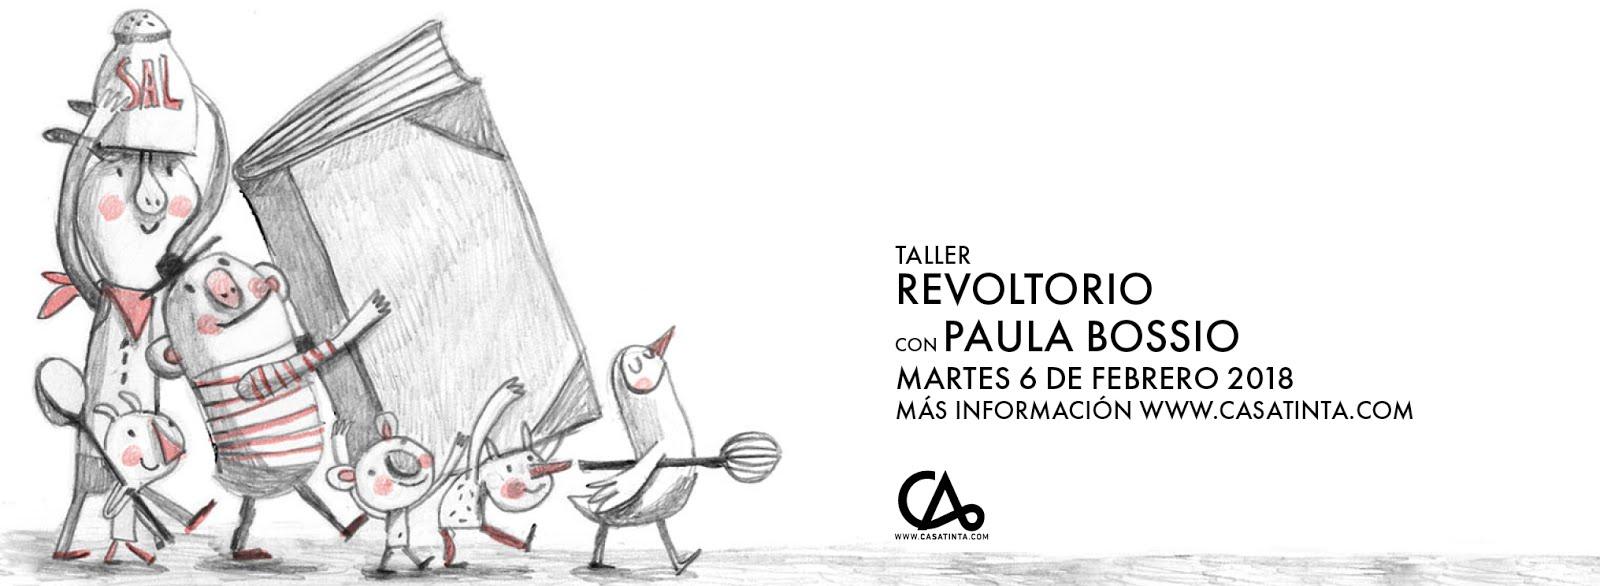 REVOLTORIO:libro álbum // 3 de feb